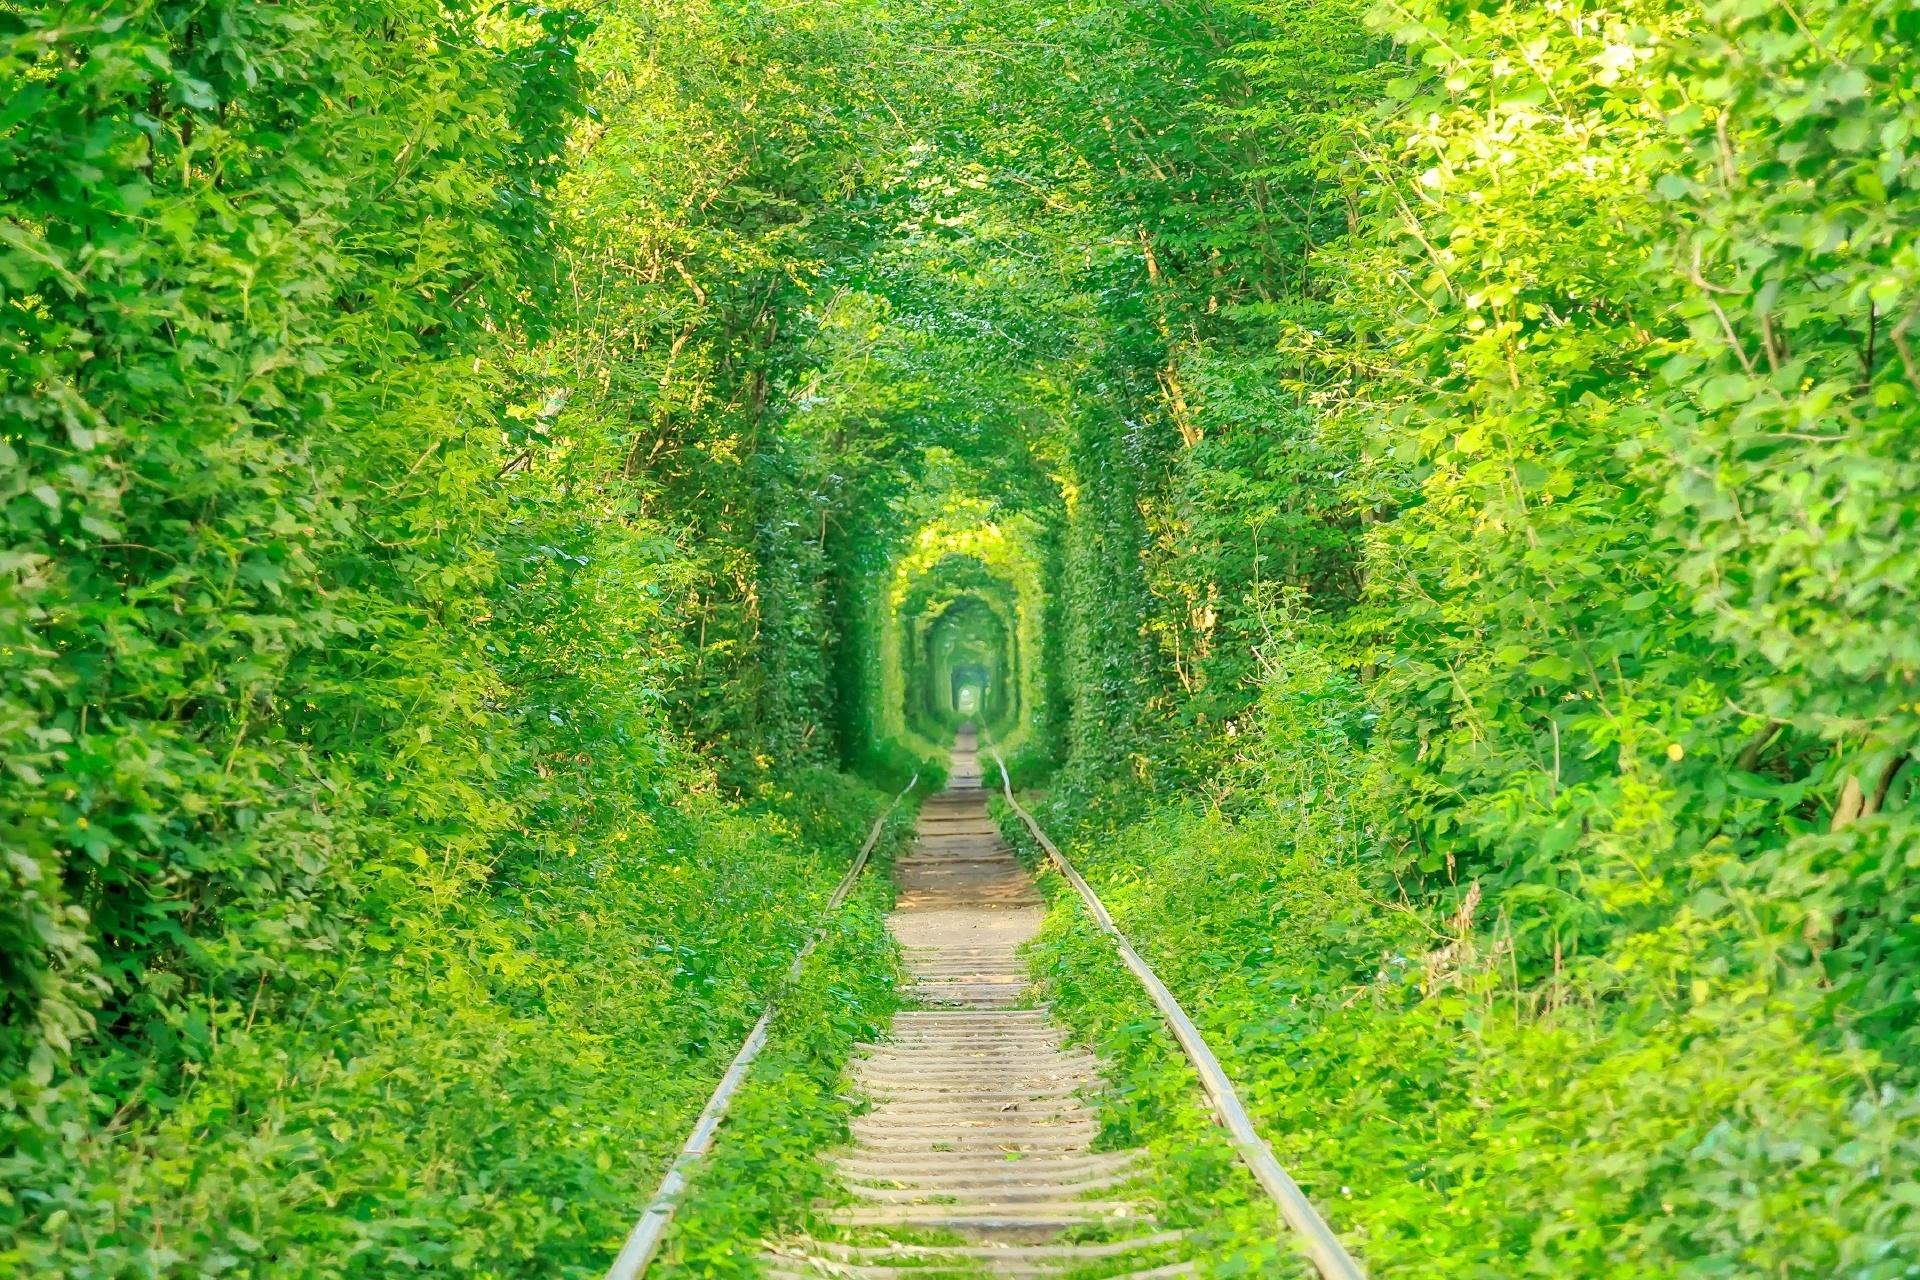 「恋のトンネル(愛のトンネル)」ウクライナ クレーヴェン ウクライナの風景